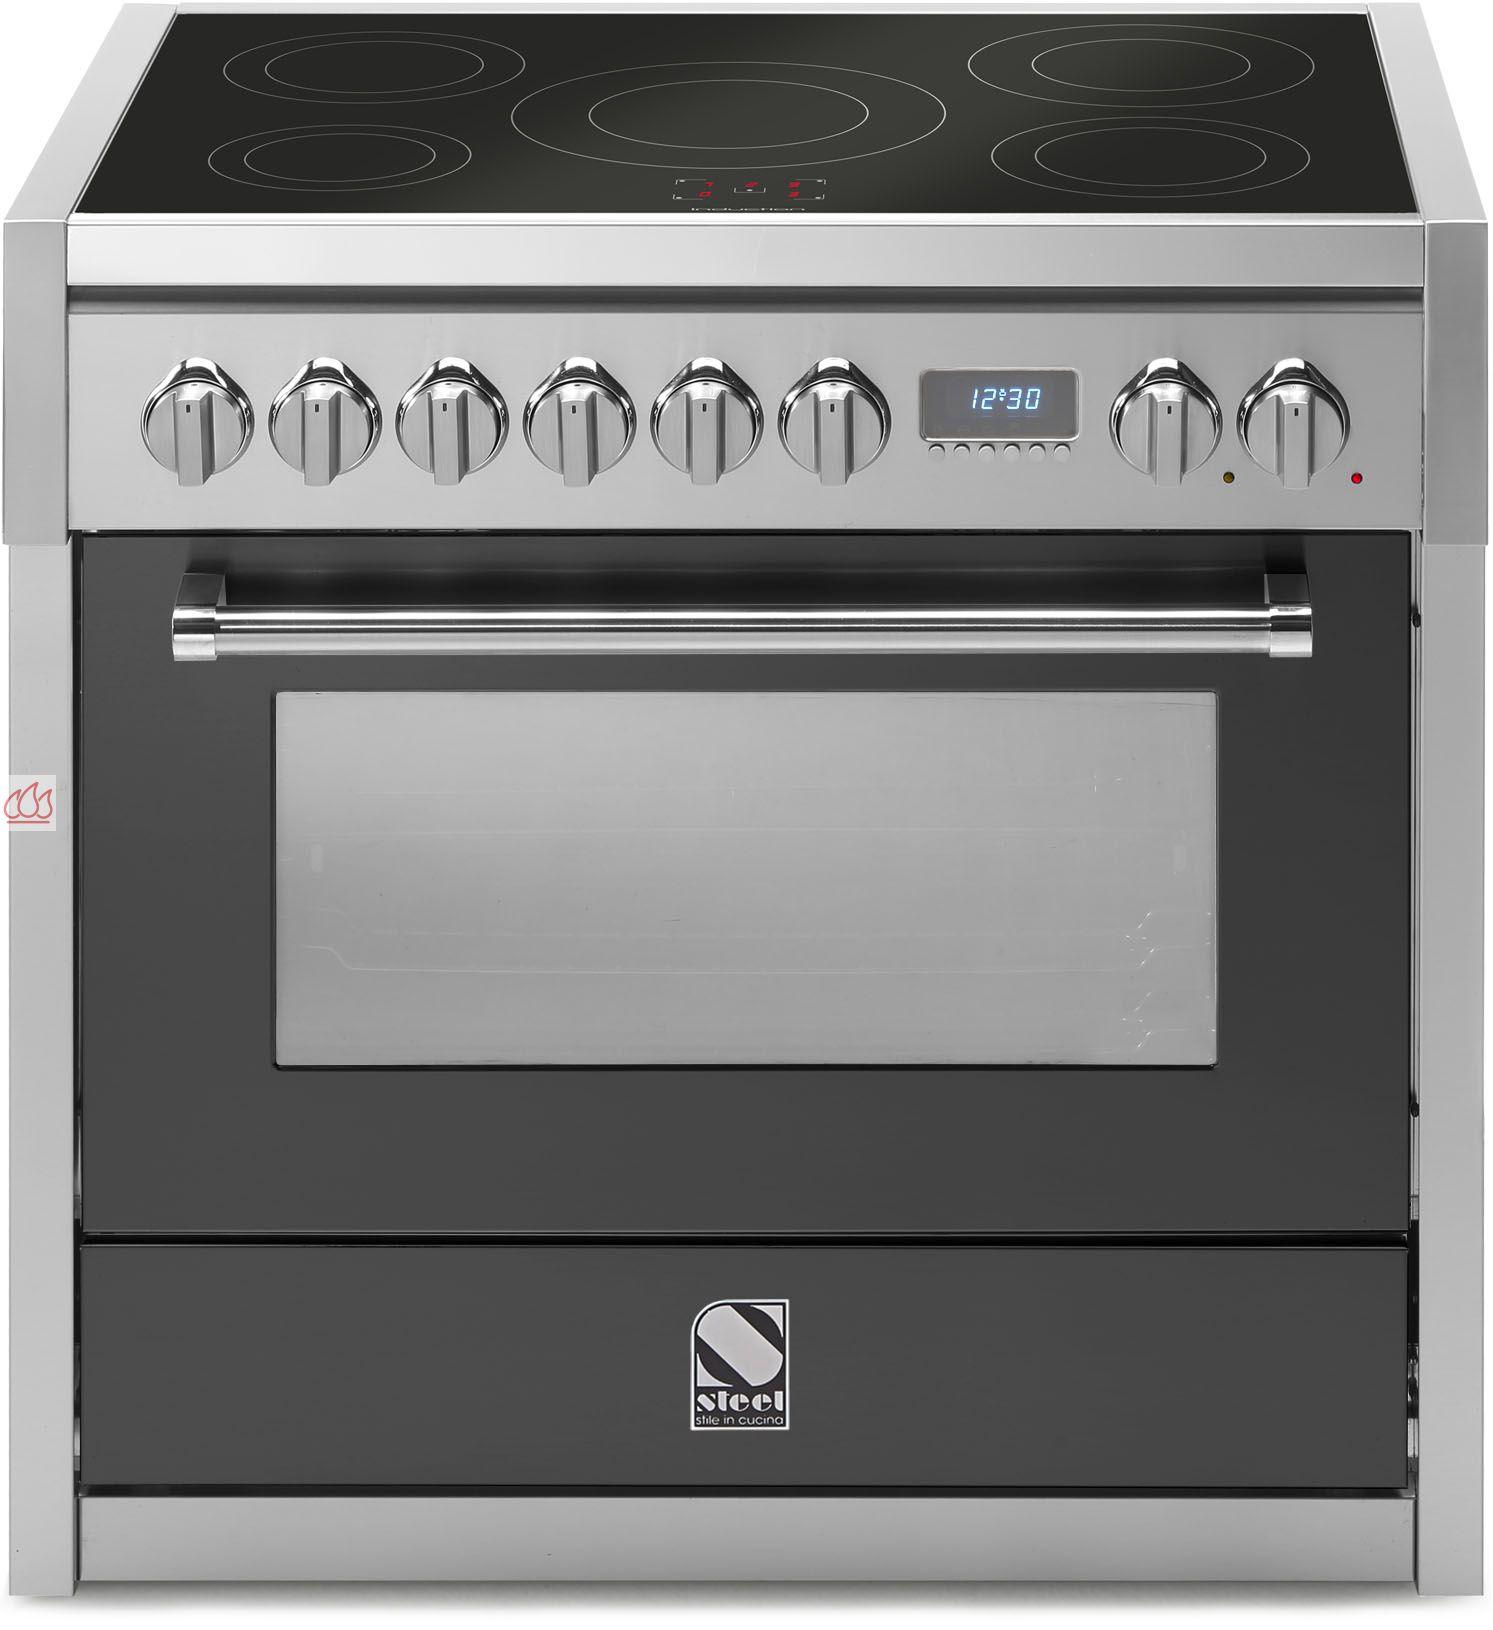 Piano de cuisson avec 1 four combin vapeur table de cuisson personnalisable steel cucine ec - Four combine vapeur ...